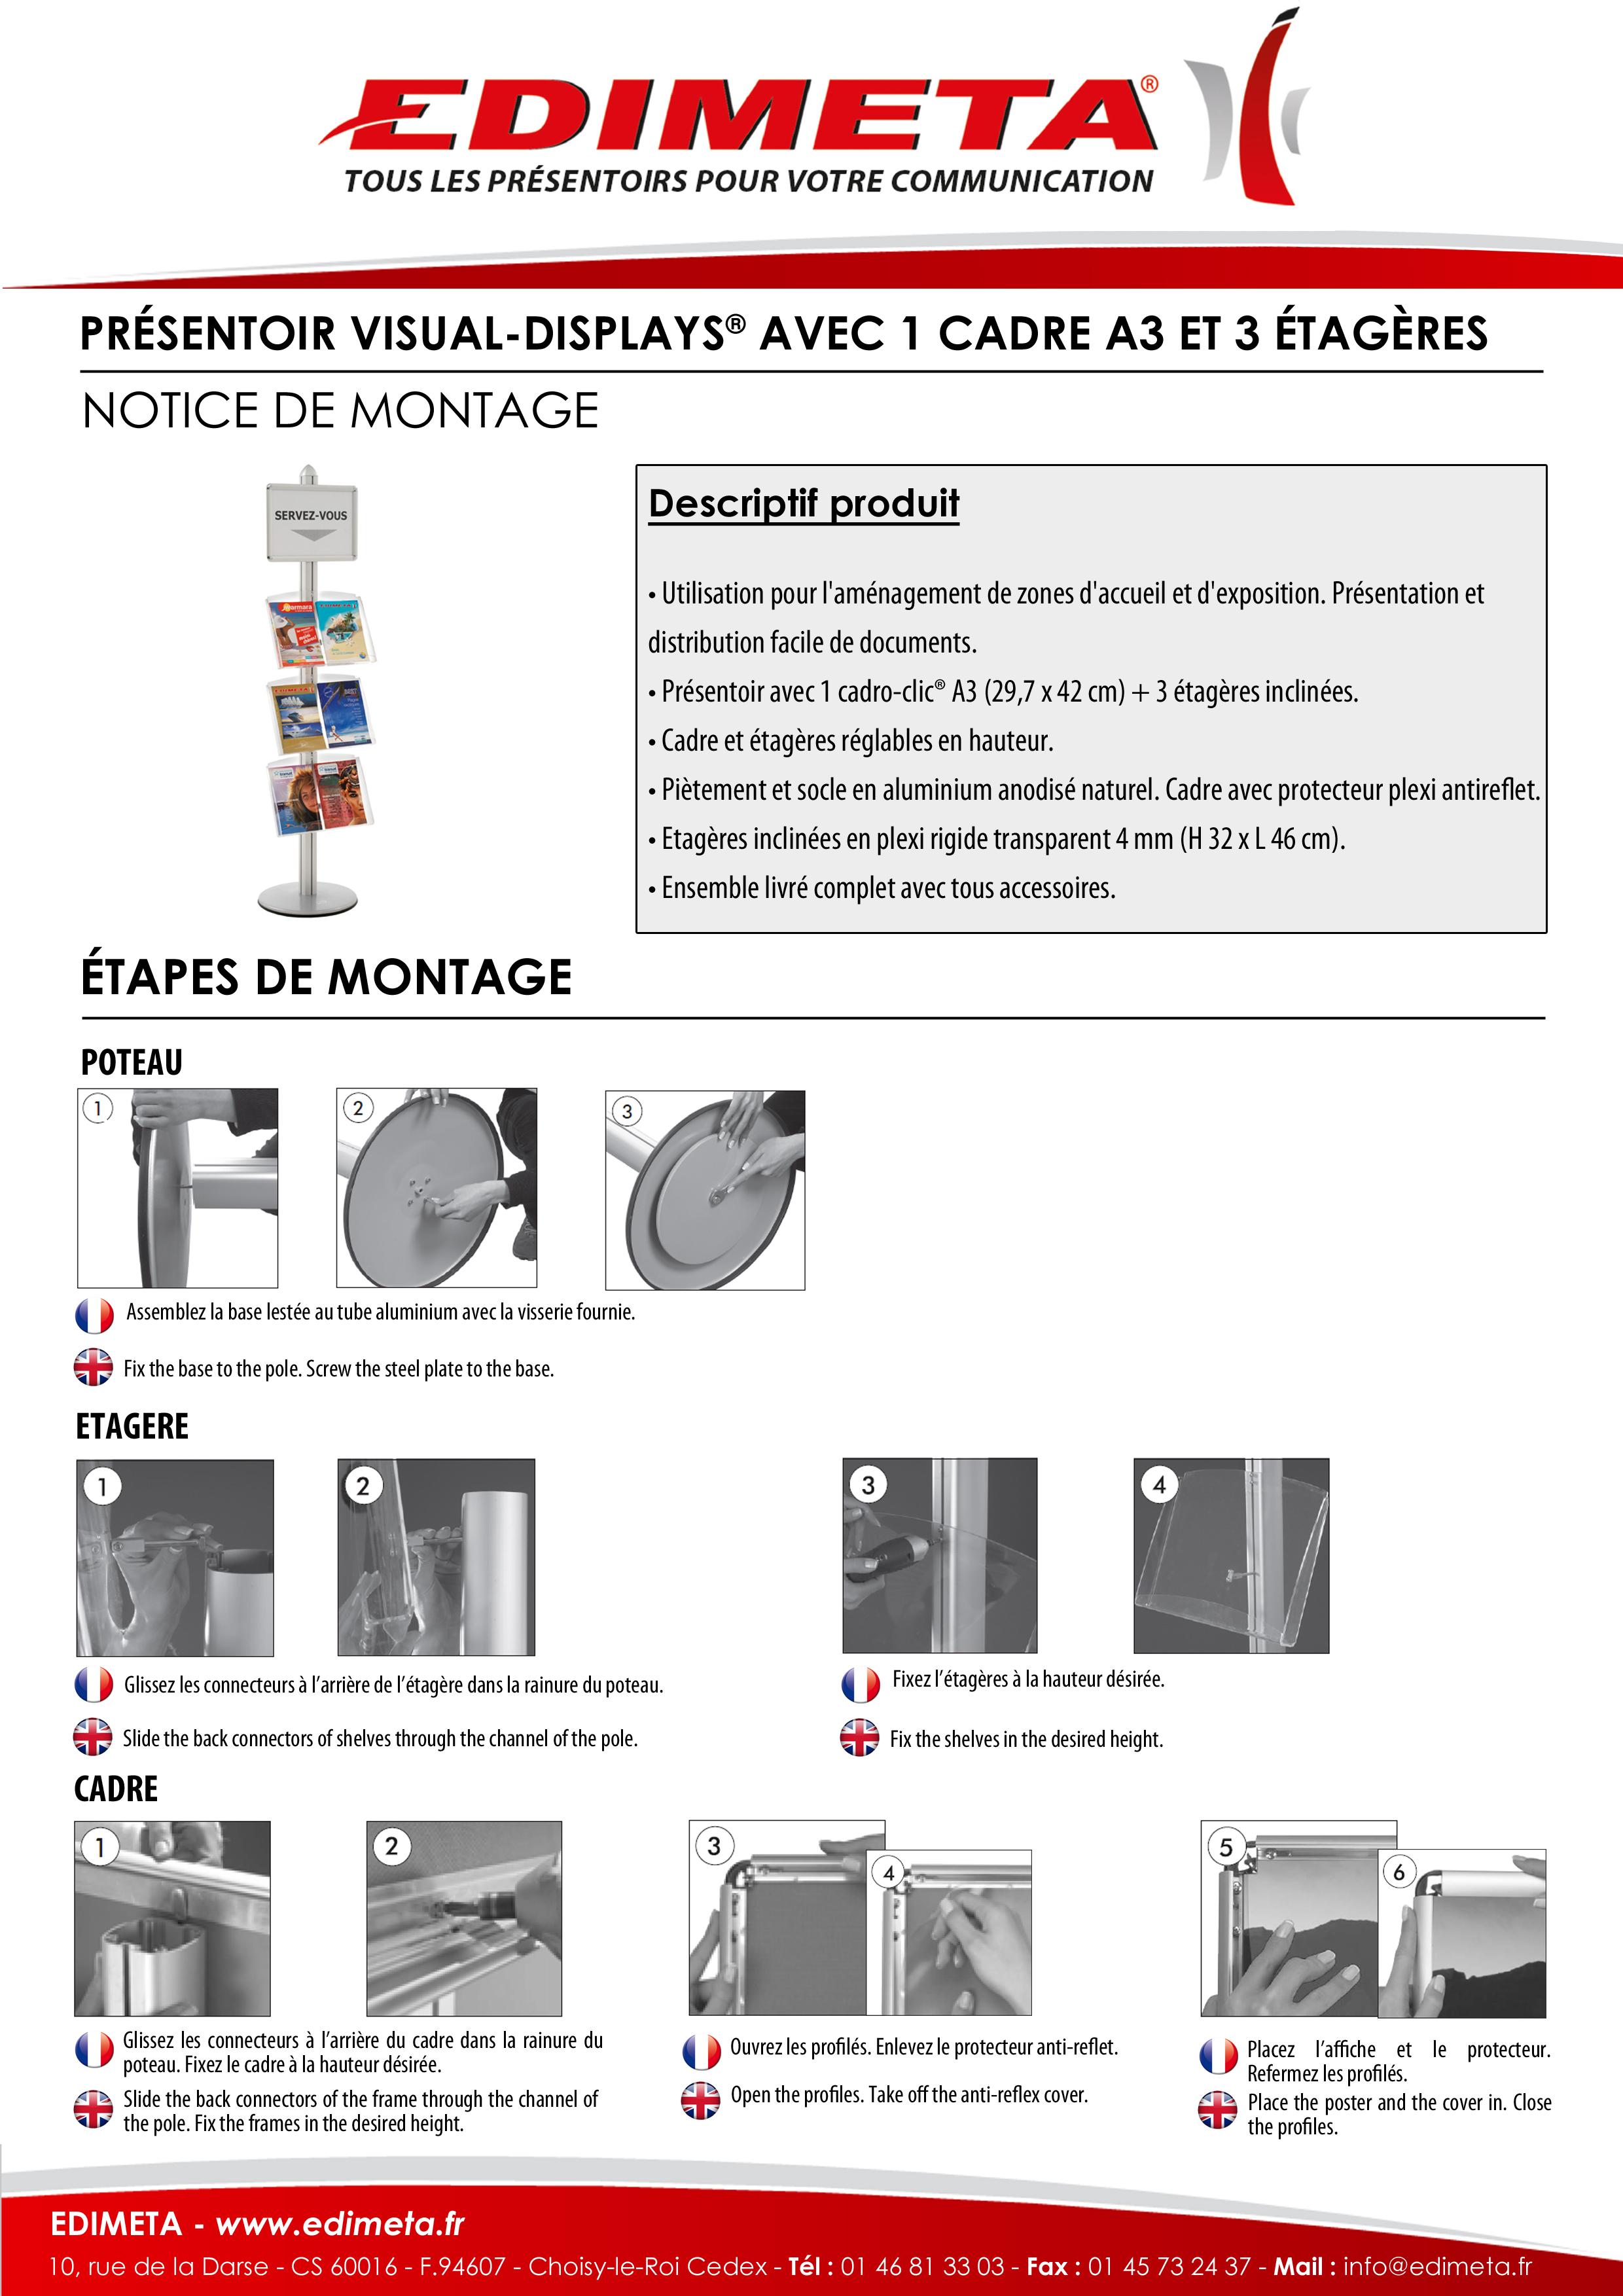 NOTICE DE MONTAGE : PRÉSENTOIR VISUAL-DISPLAYS® AVEC 1 CADRE A3 ET 3 ÉTAGÈRES